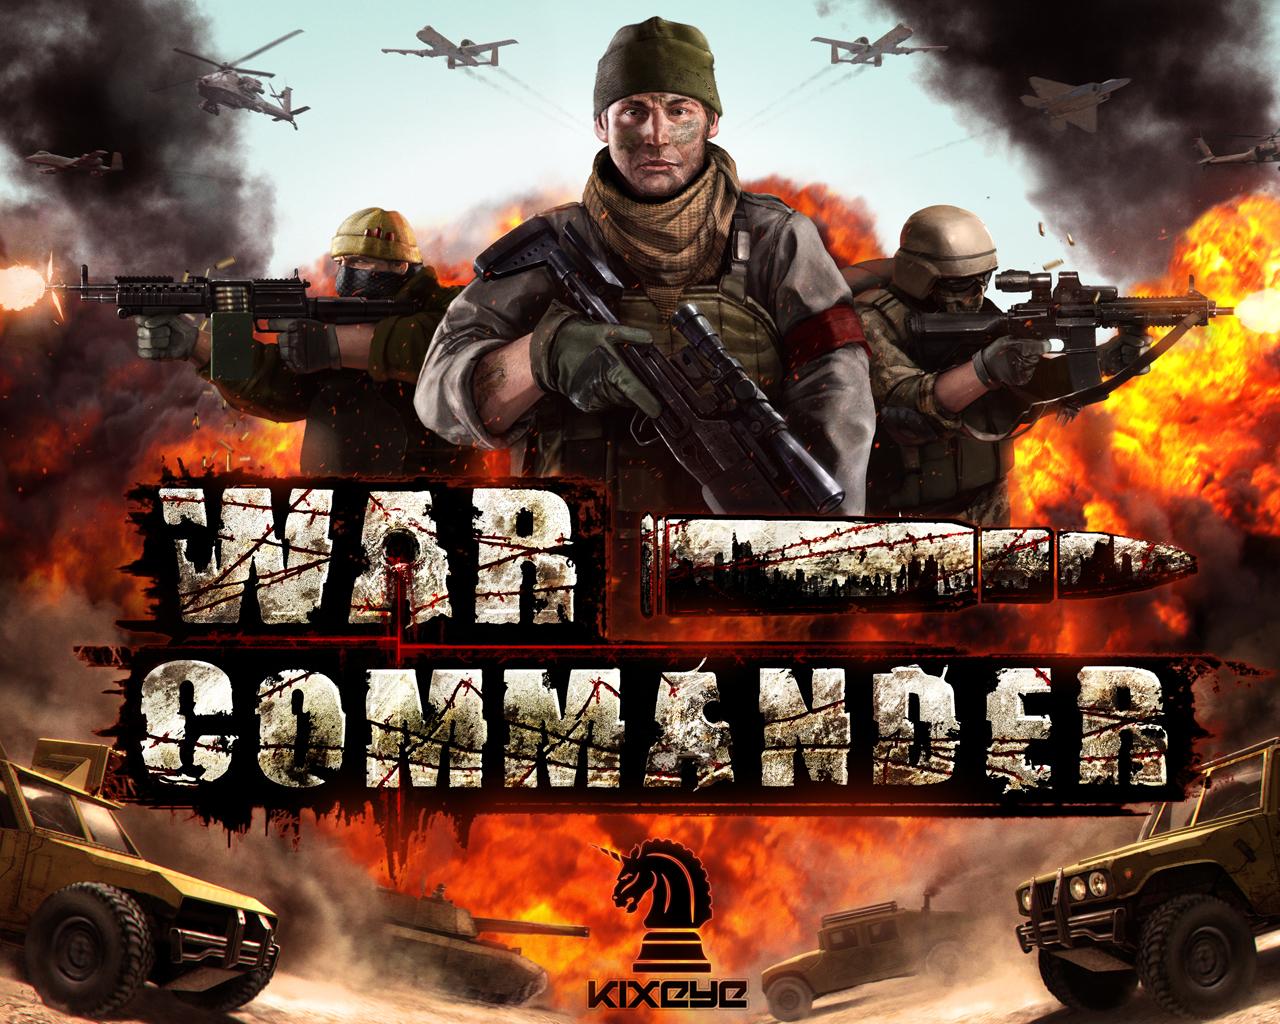 War commander infamy prizes for mega